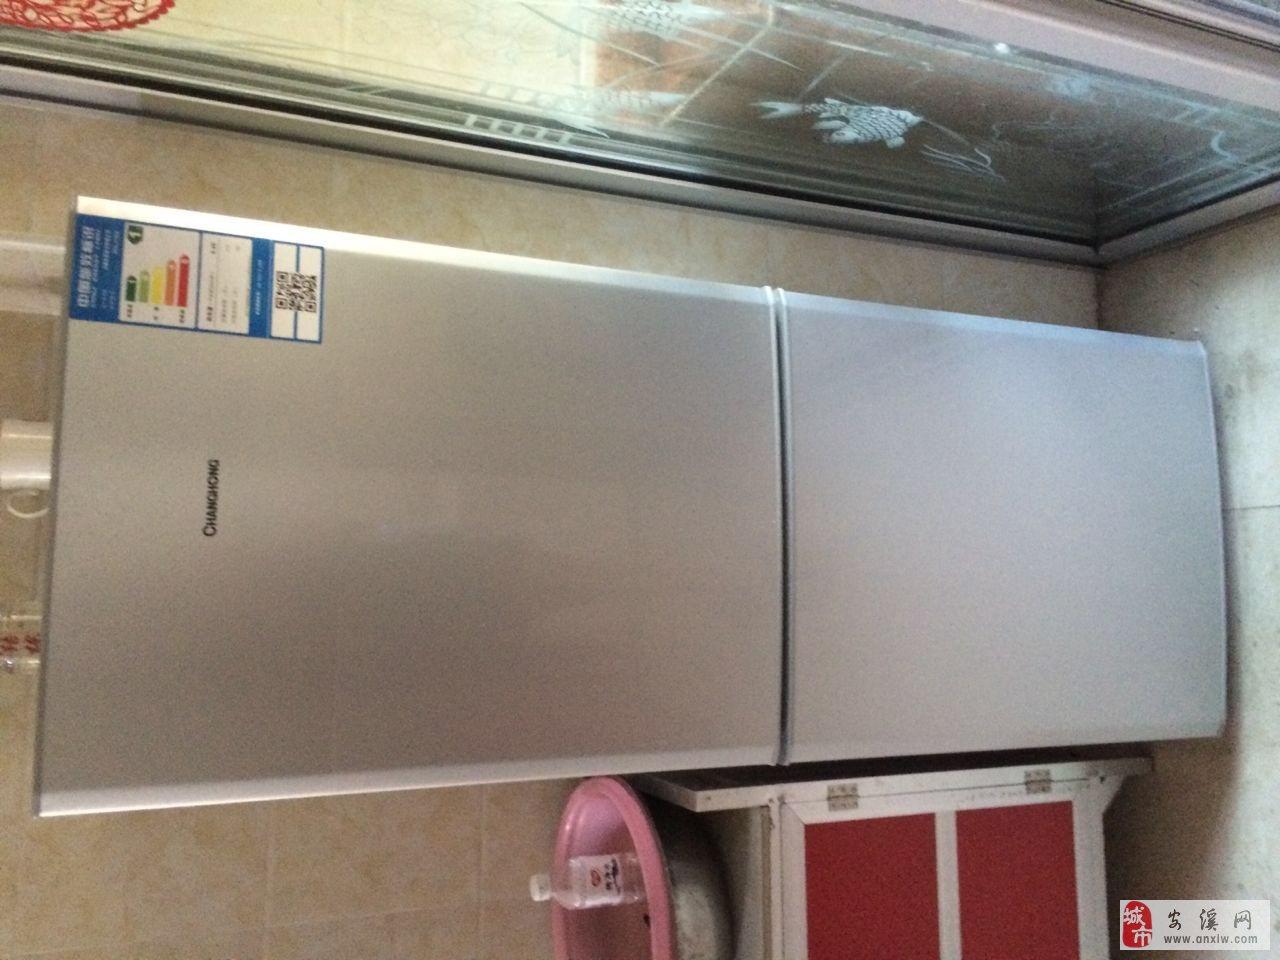 95成新冰箱